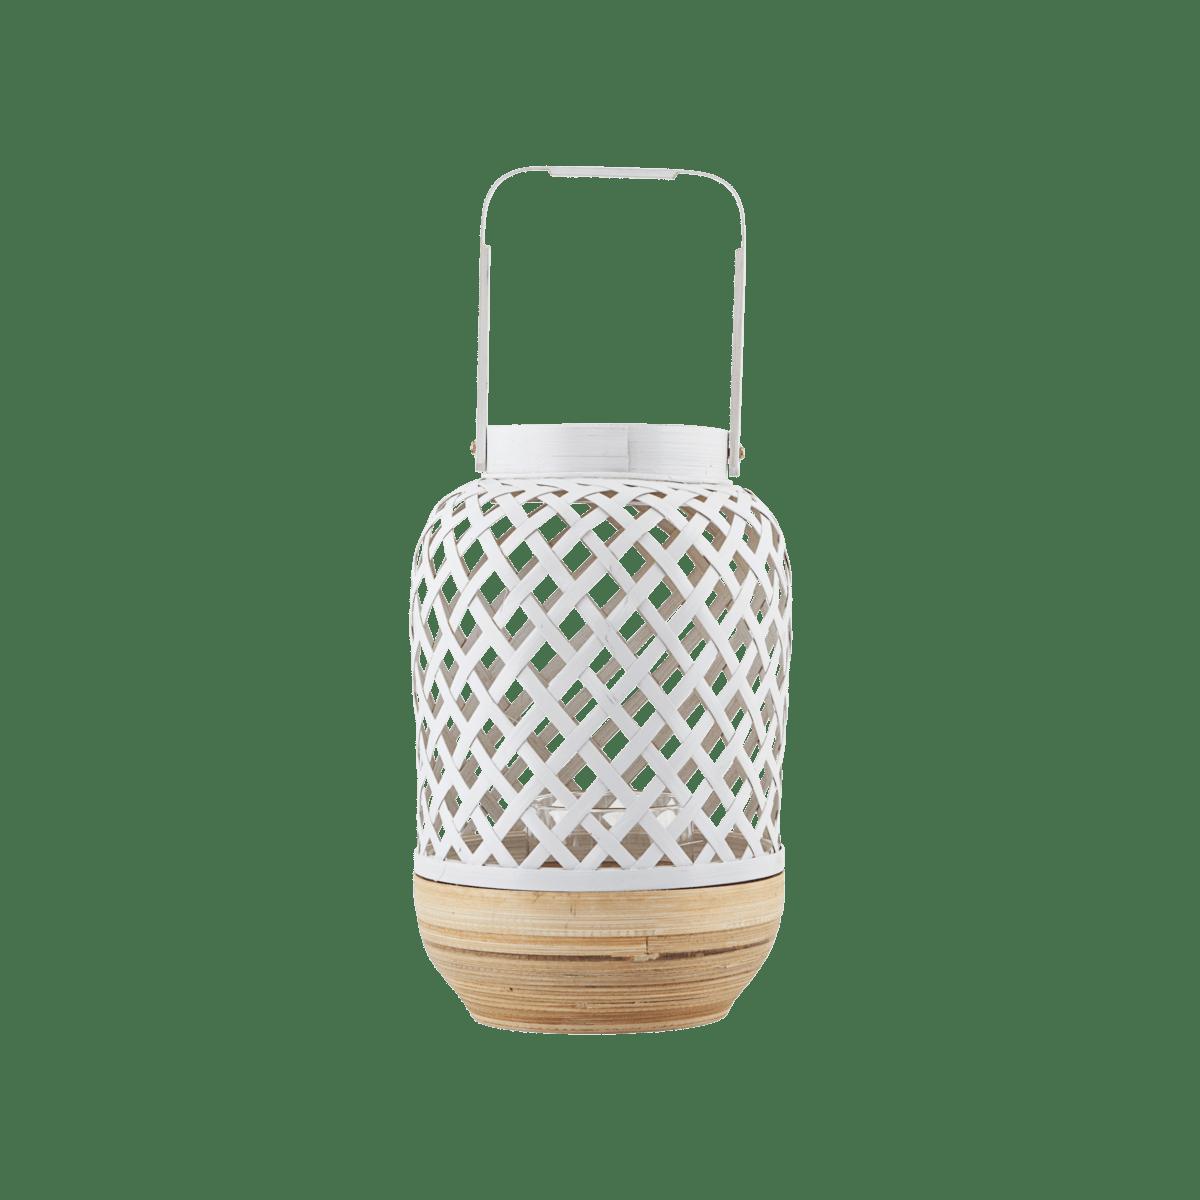 Bílá lucerna Breeze Ø10/15x24/34 cm